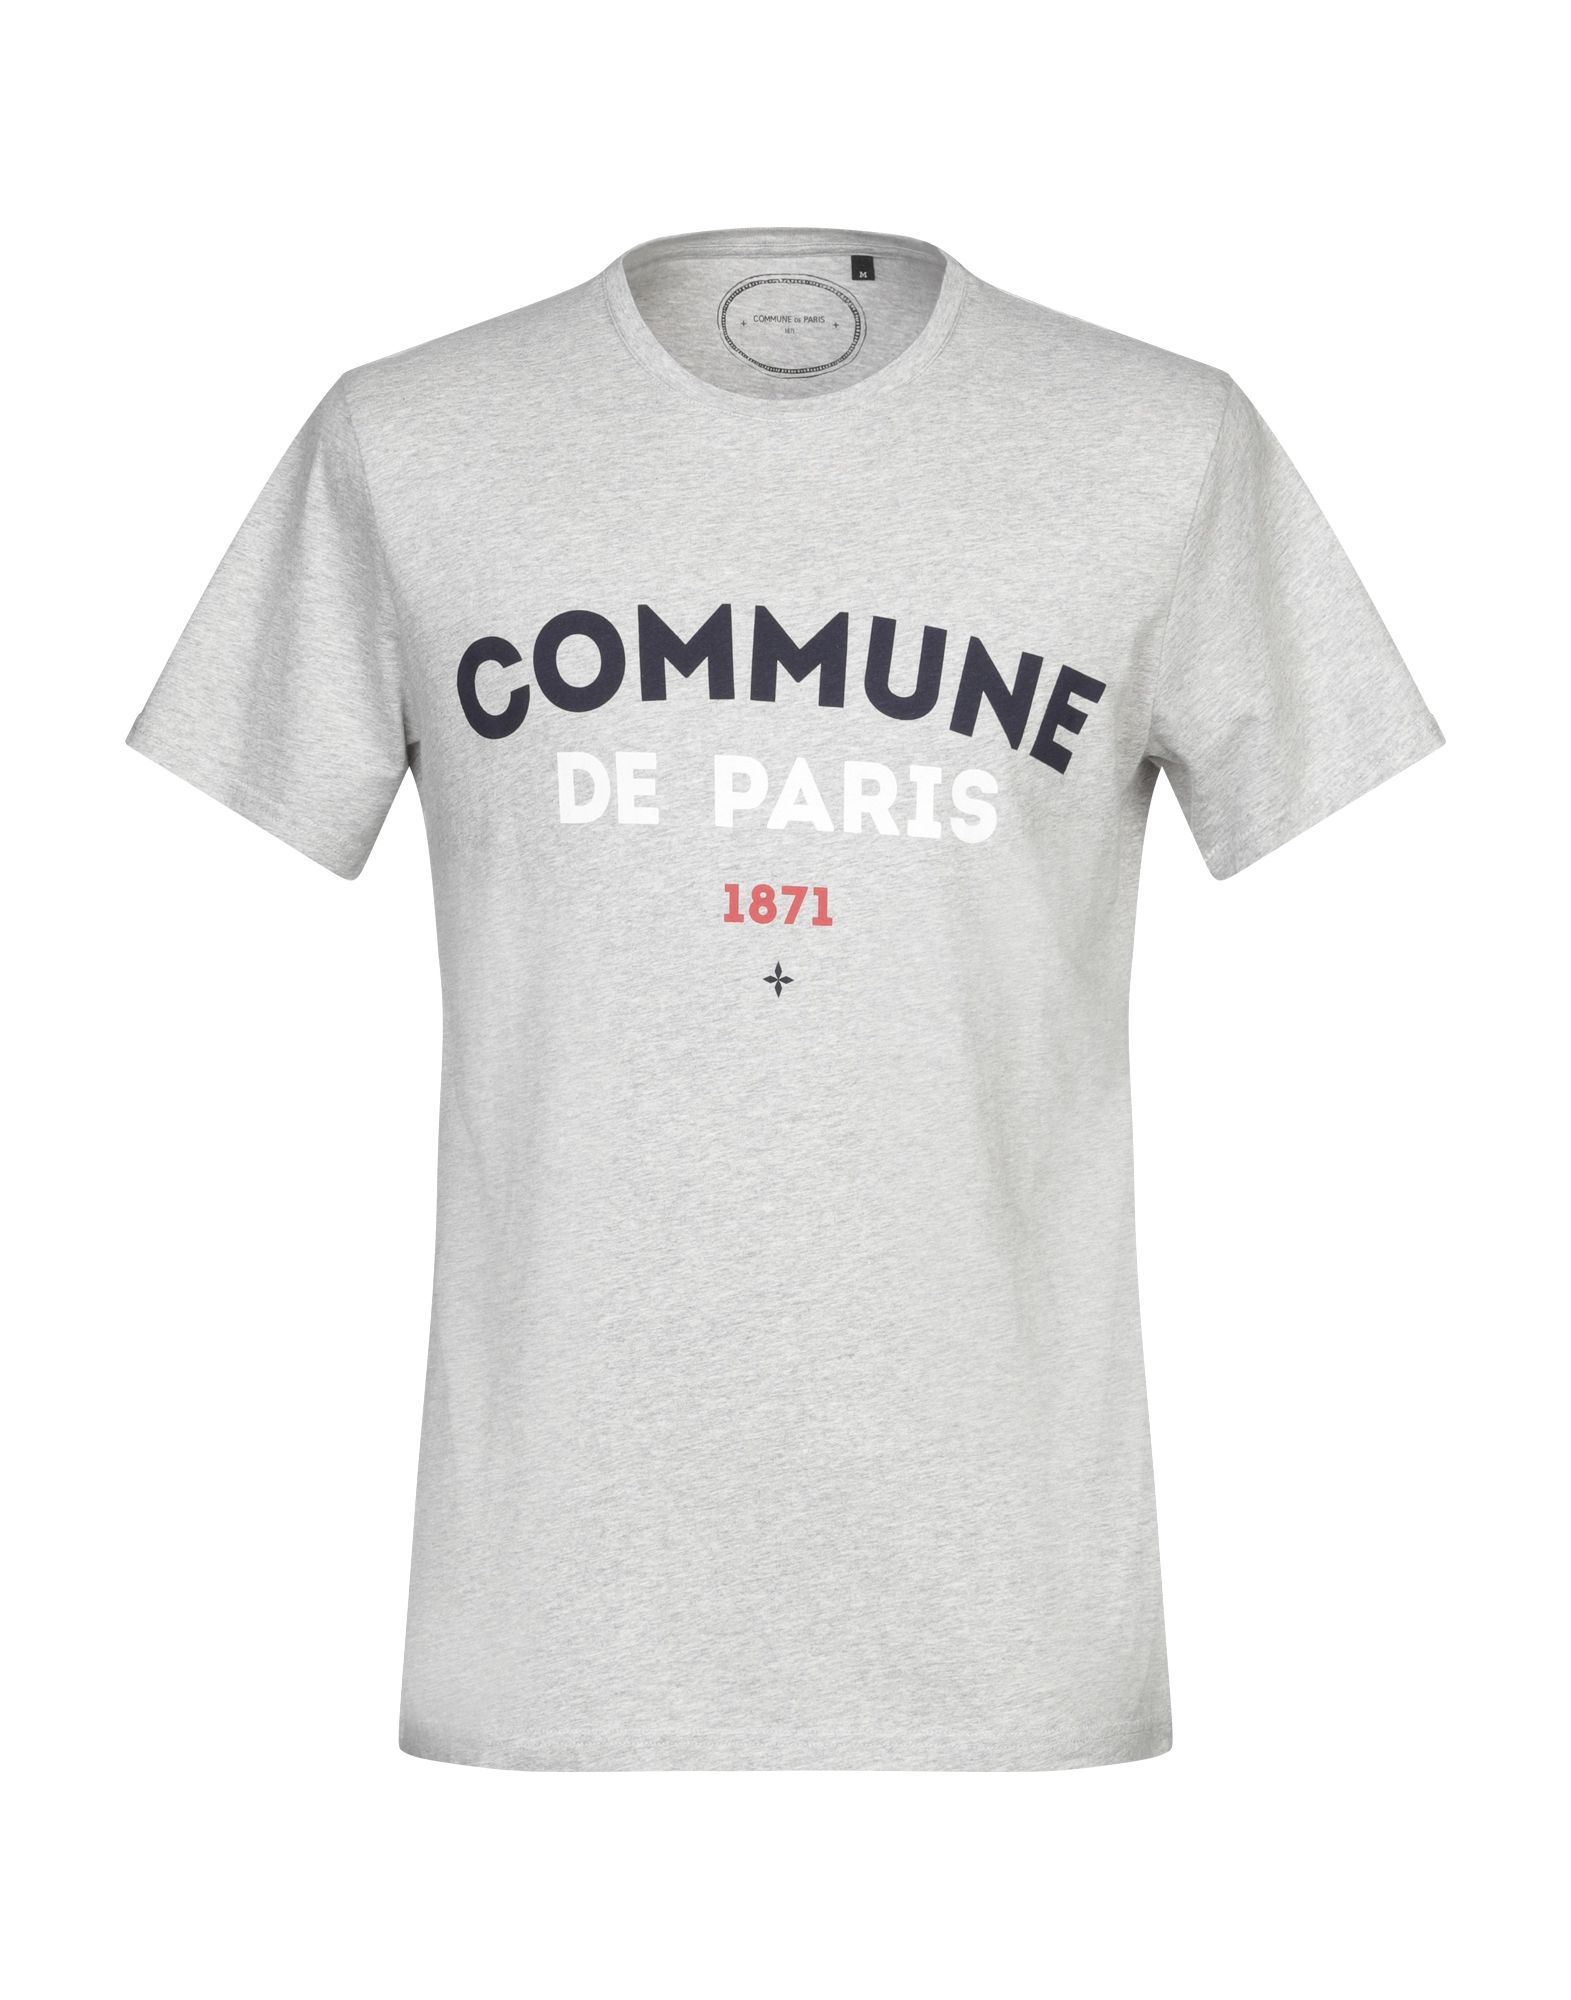 COMMUNE DE PARIS 1871 Футболка цена 2017